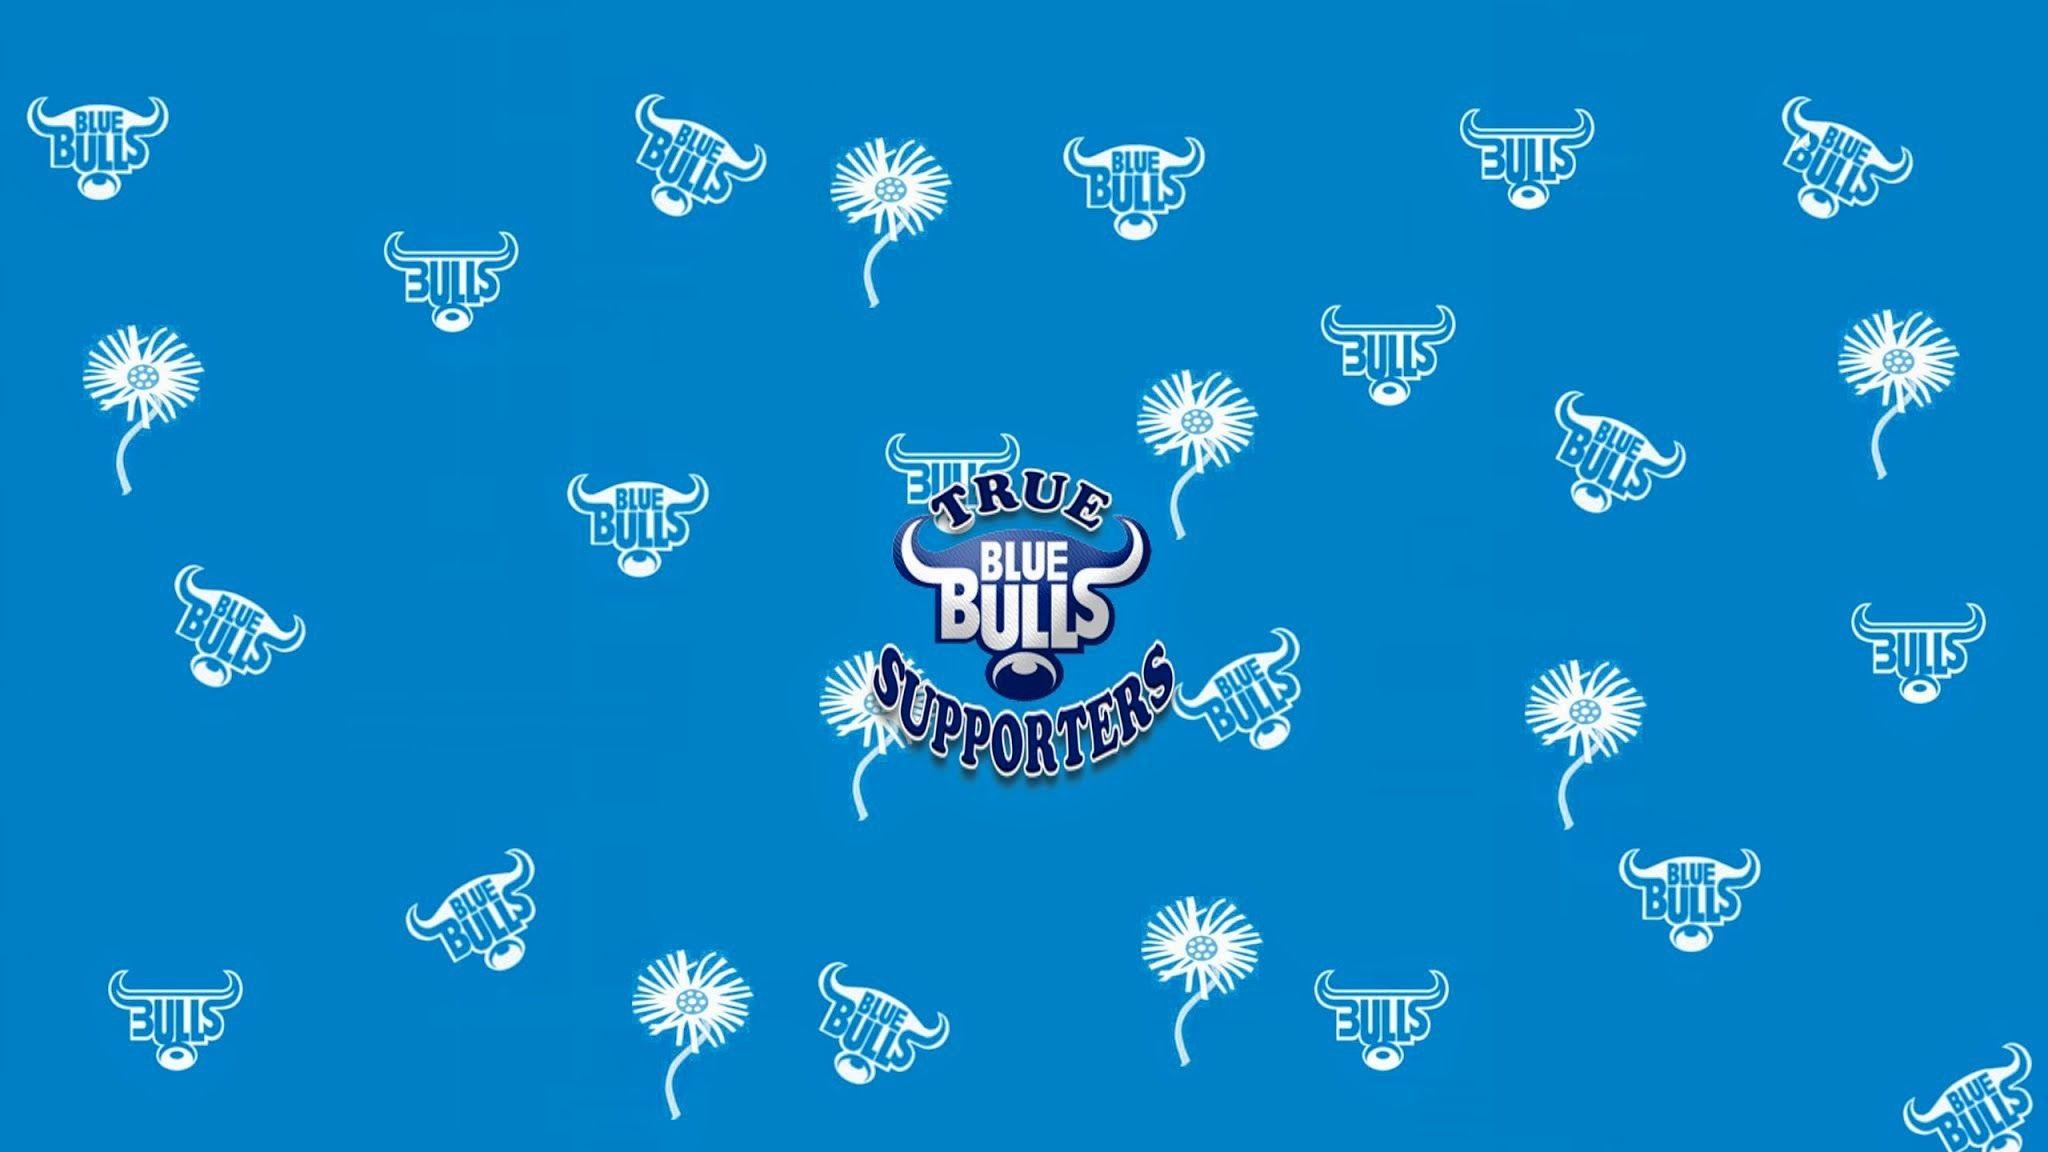 Blue Bulls Wallpapers – Wallpaper Cave